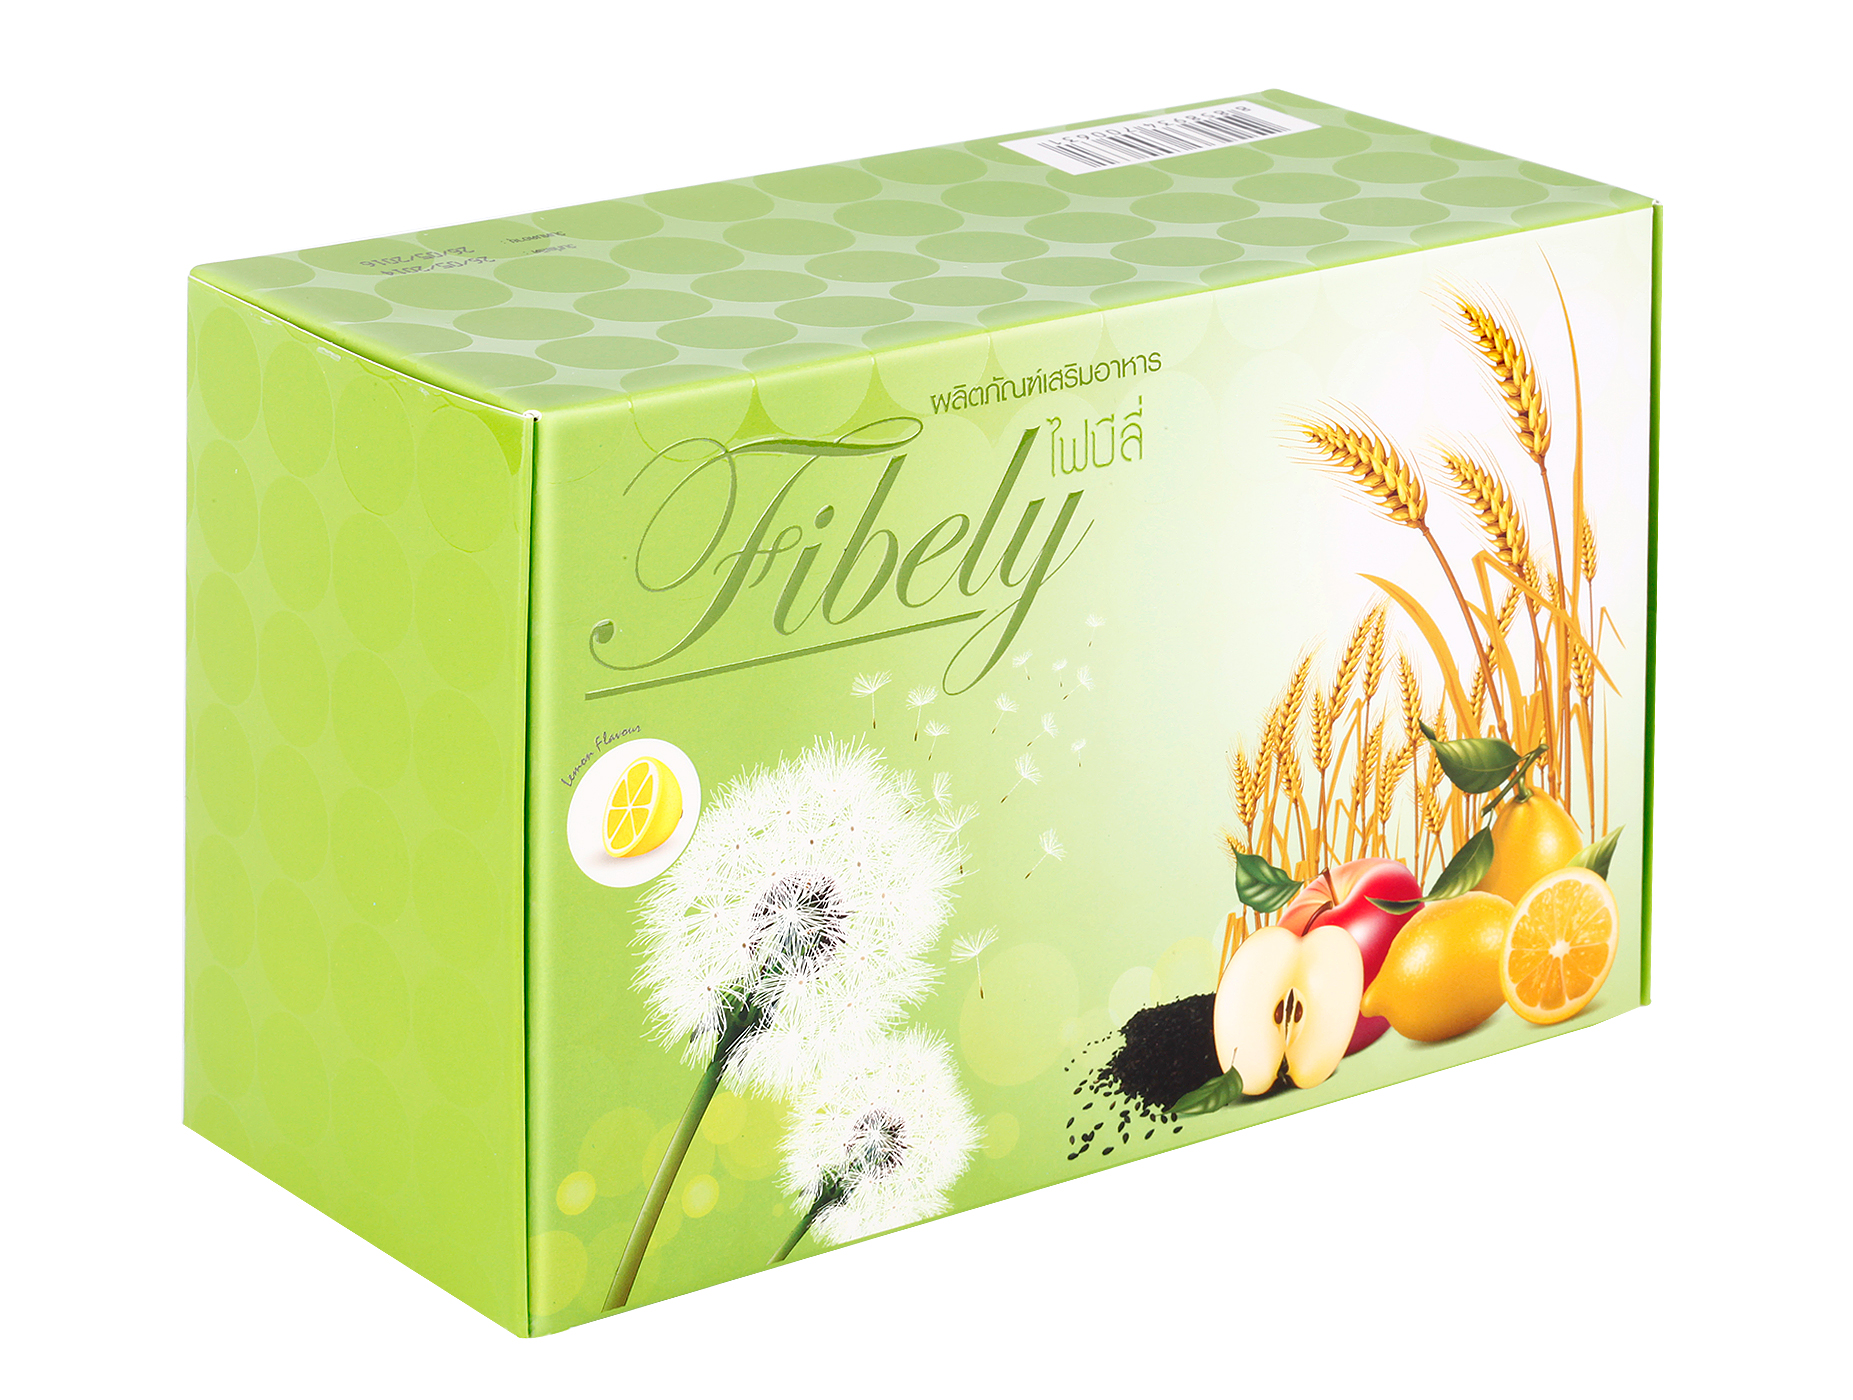 (2 กล่อง 350 บาท) Total Fibely Donutt Brand โทเทิลไฟบีลี่ ตราโดนัทท์ 10 ซอง